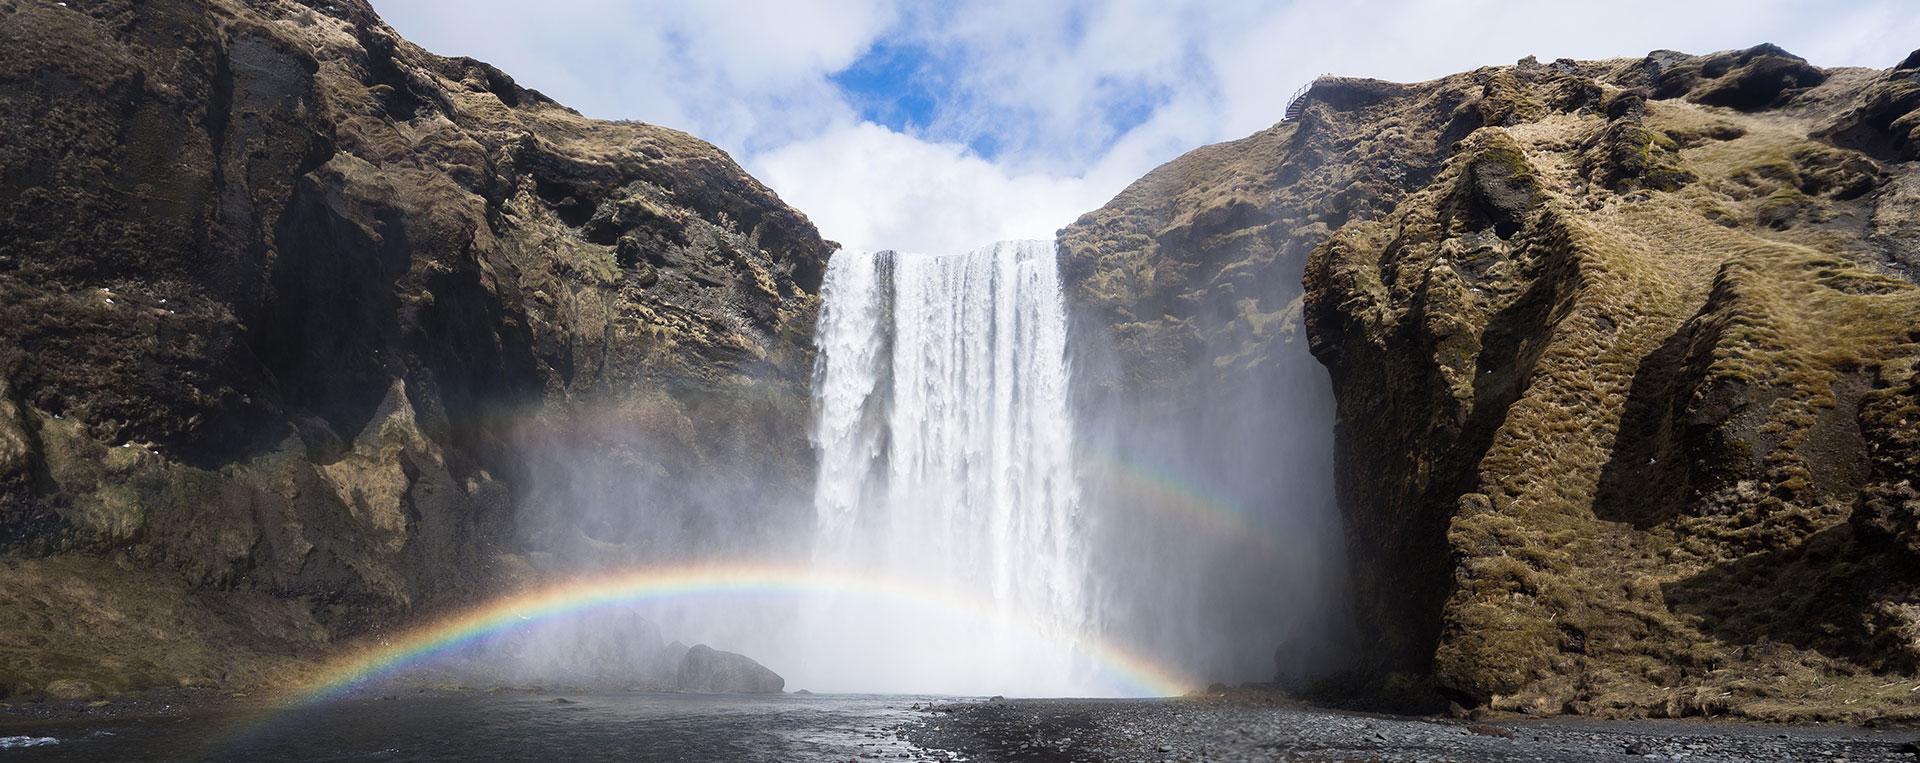 Wasserfall jinfa tax Steuerberater Luxemburg